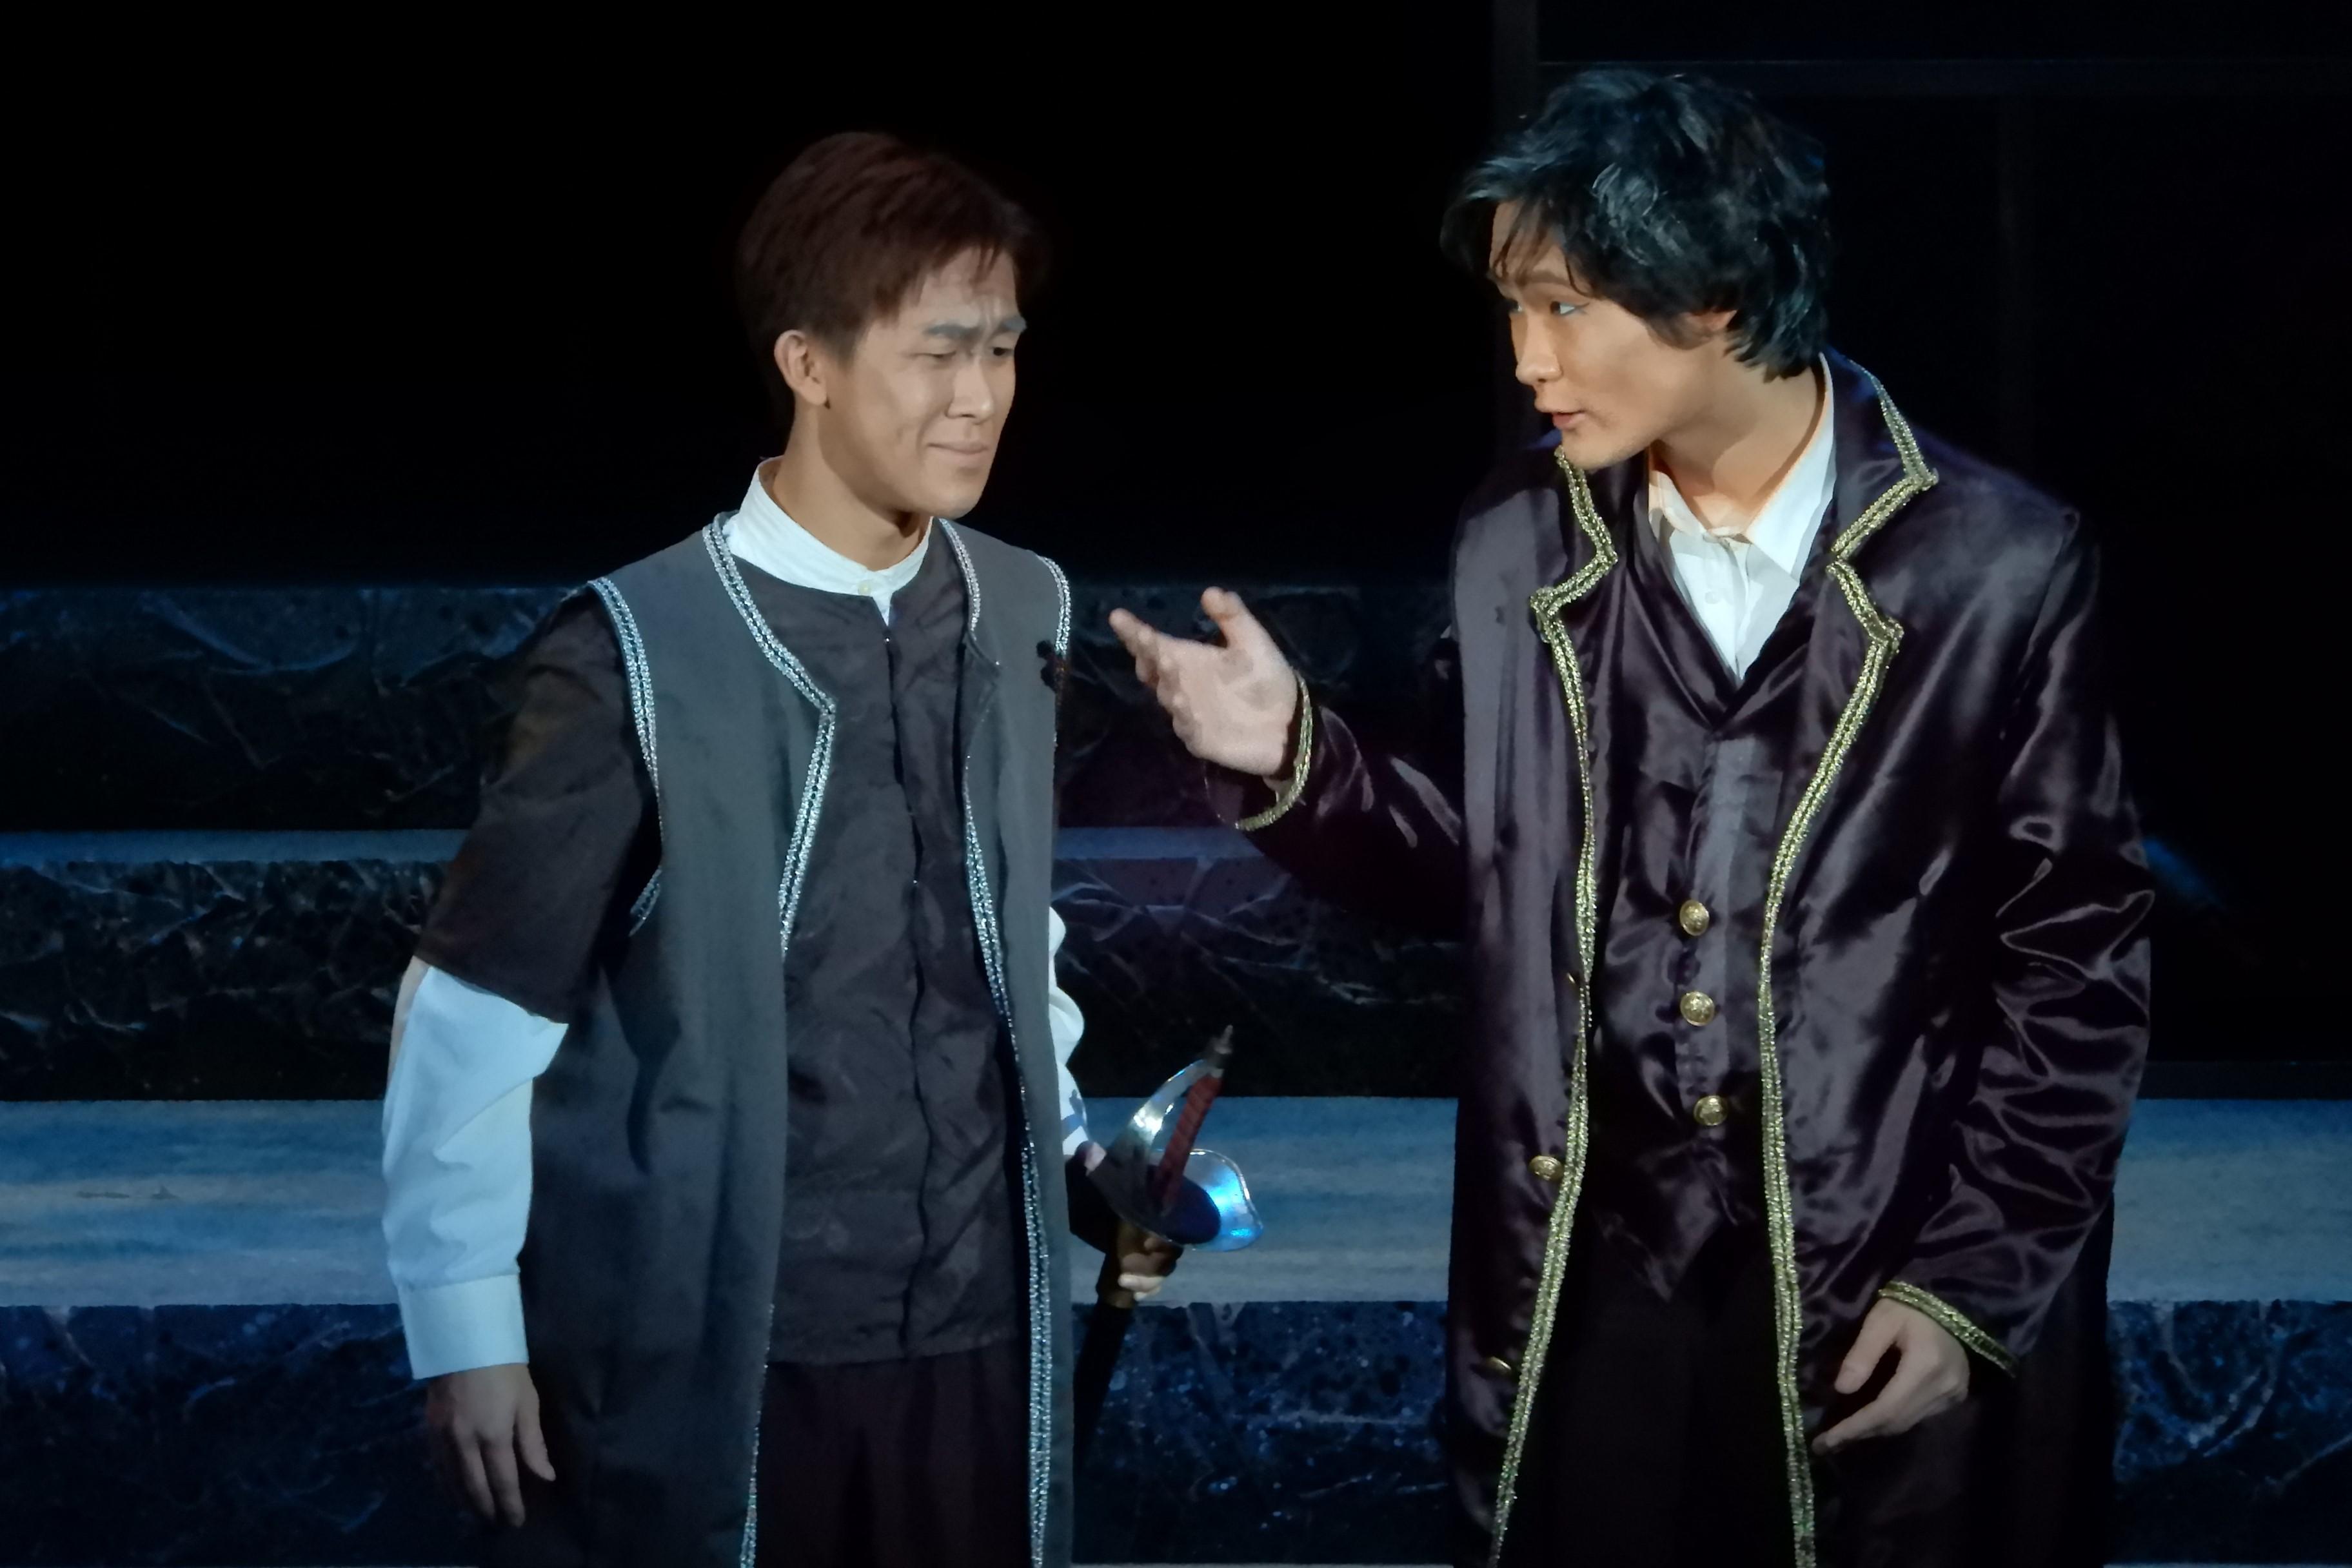 第68回関東学院大学シェイクスピア英語劇『十二夜(Twelfth Night, or What You Will)』 -- 大学生が、シェイクスピア劇を英語原文で上演 -- 12月6日(金)、7日(土) 神奈川県民共済みらいホール